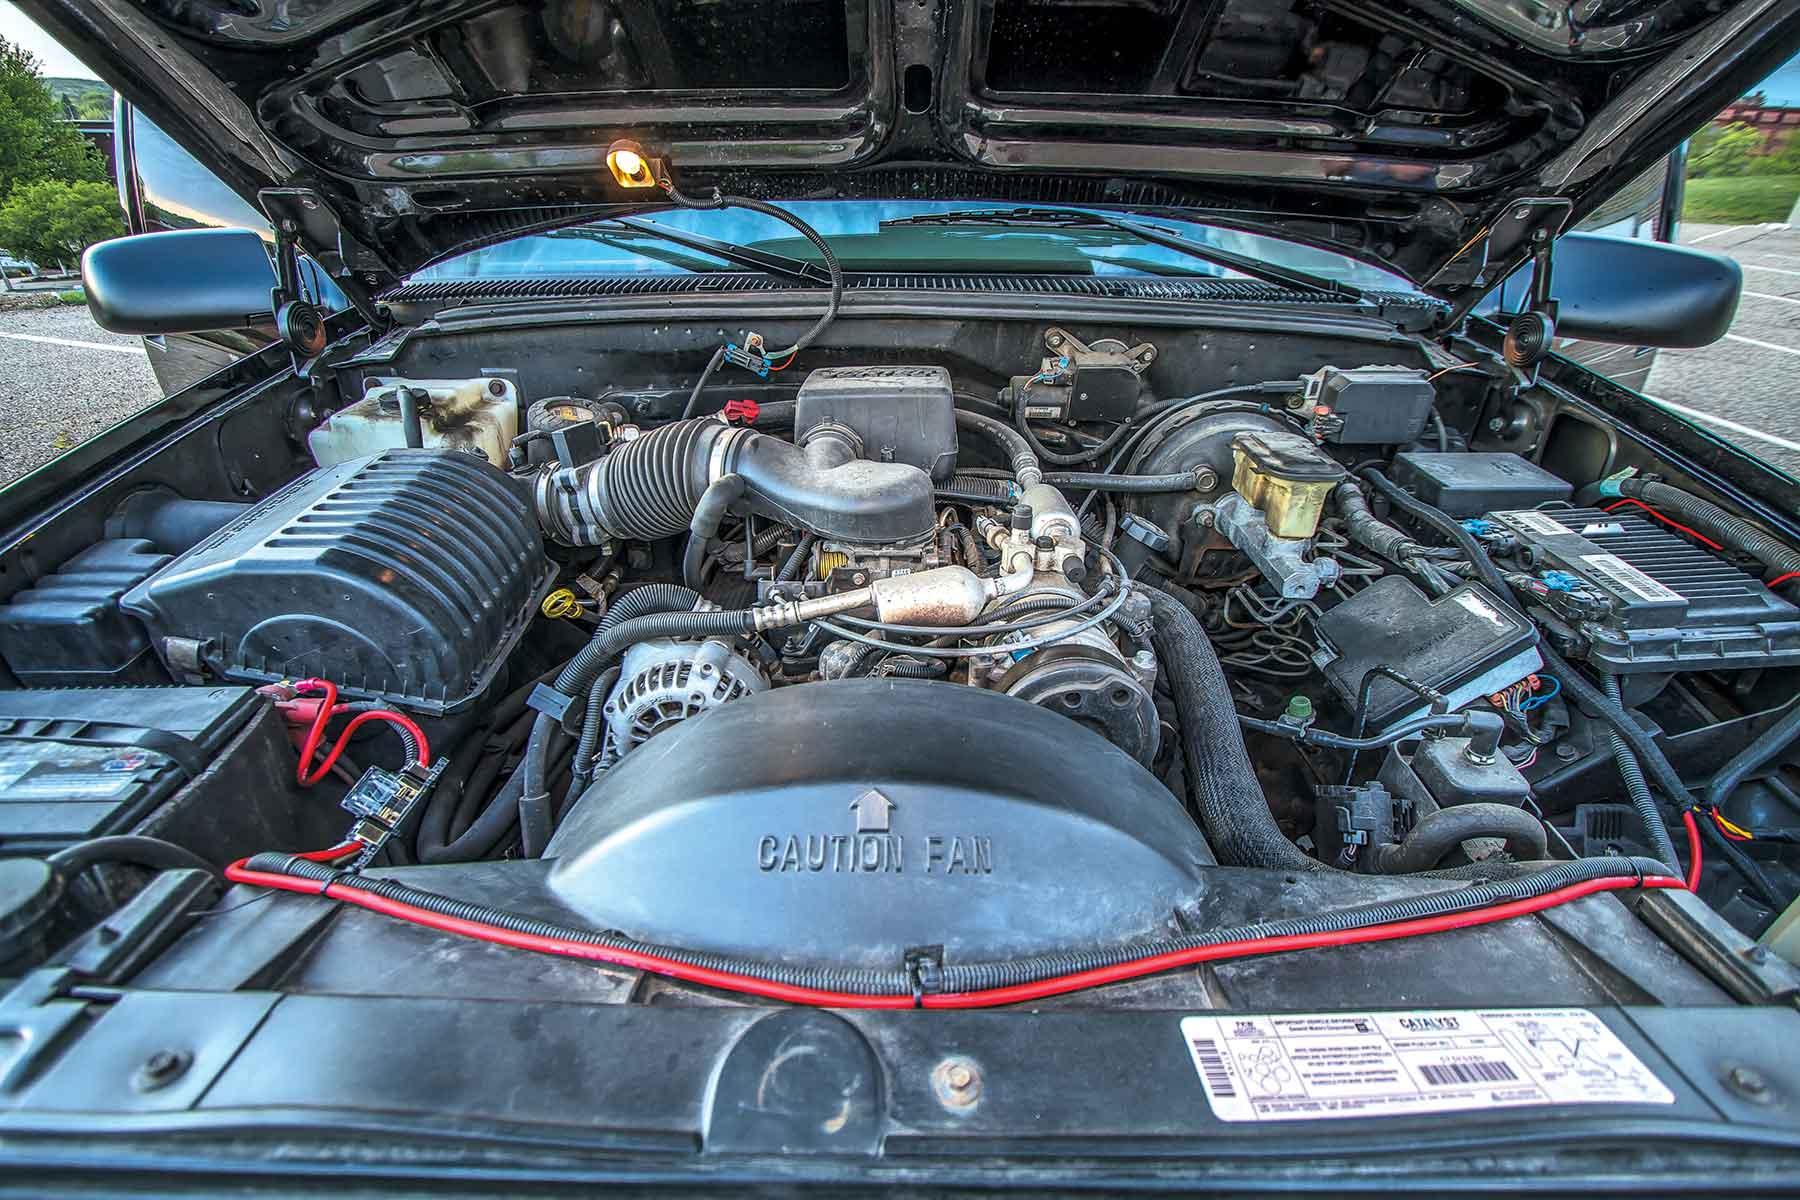 98 silverado engine